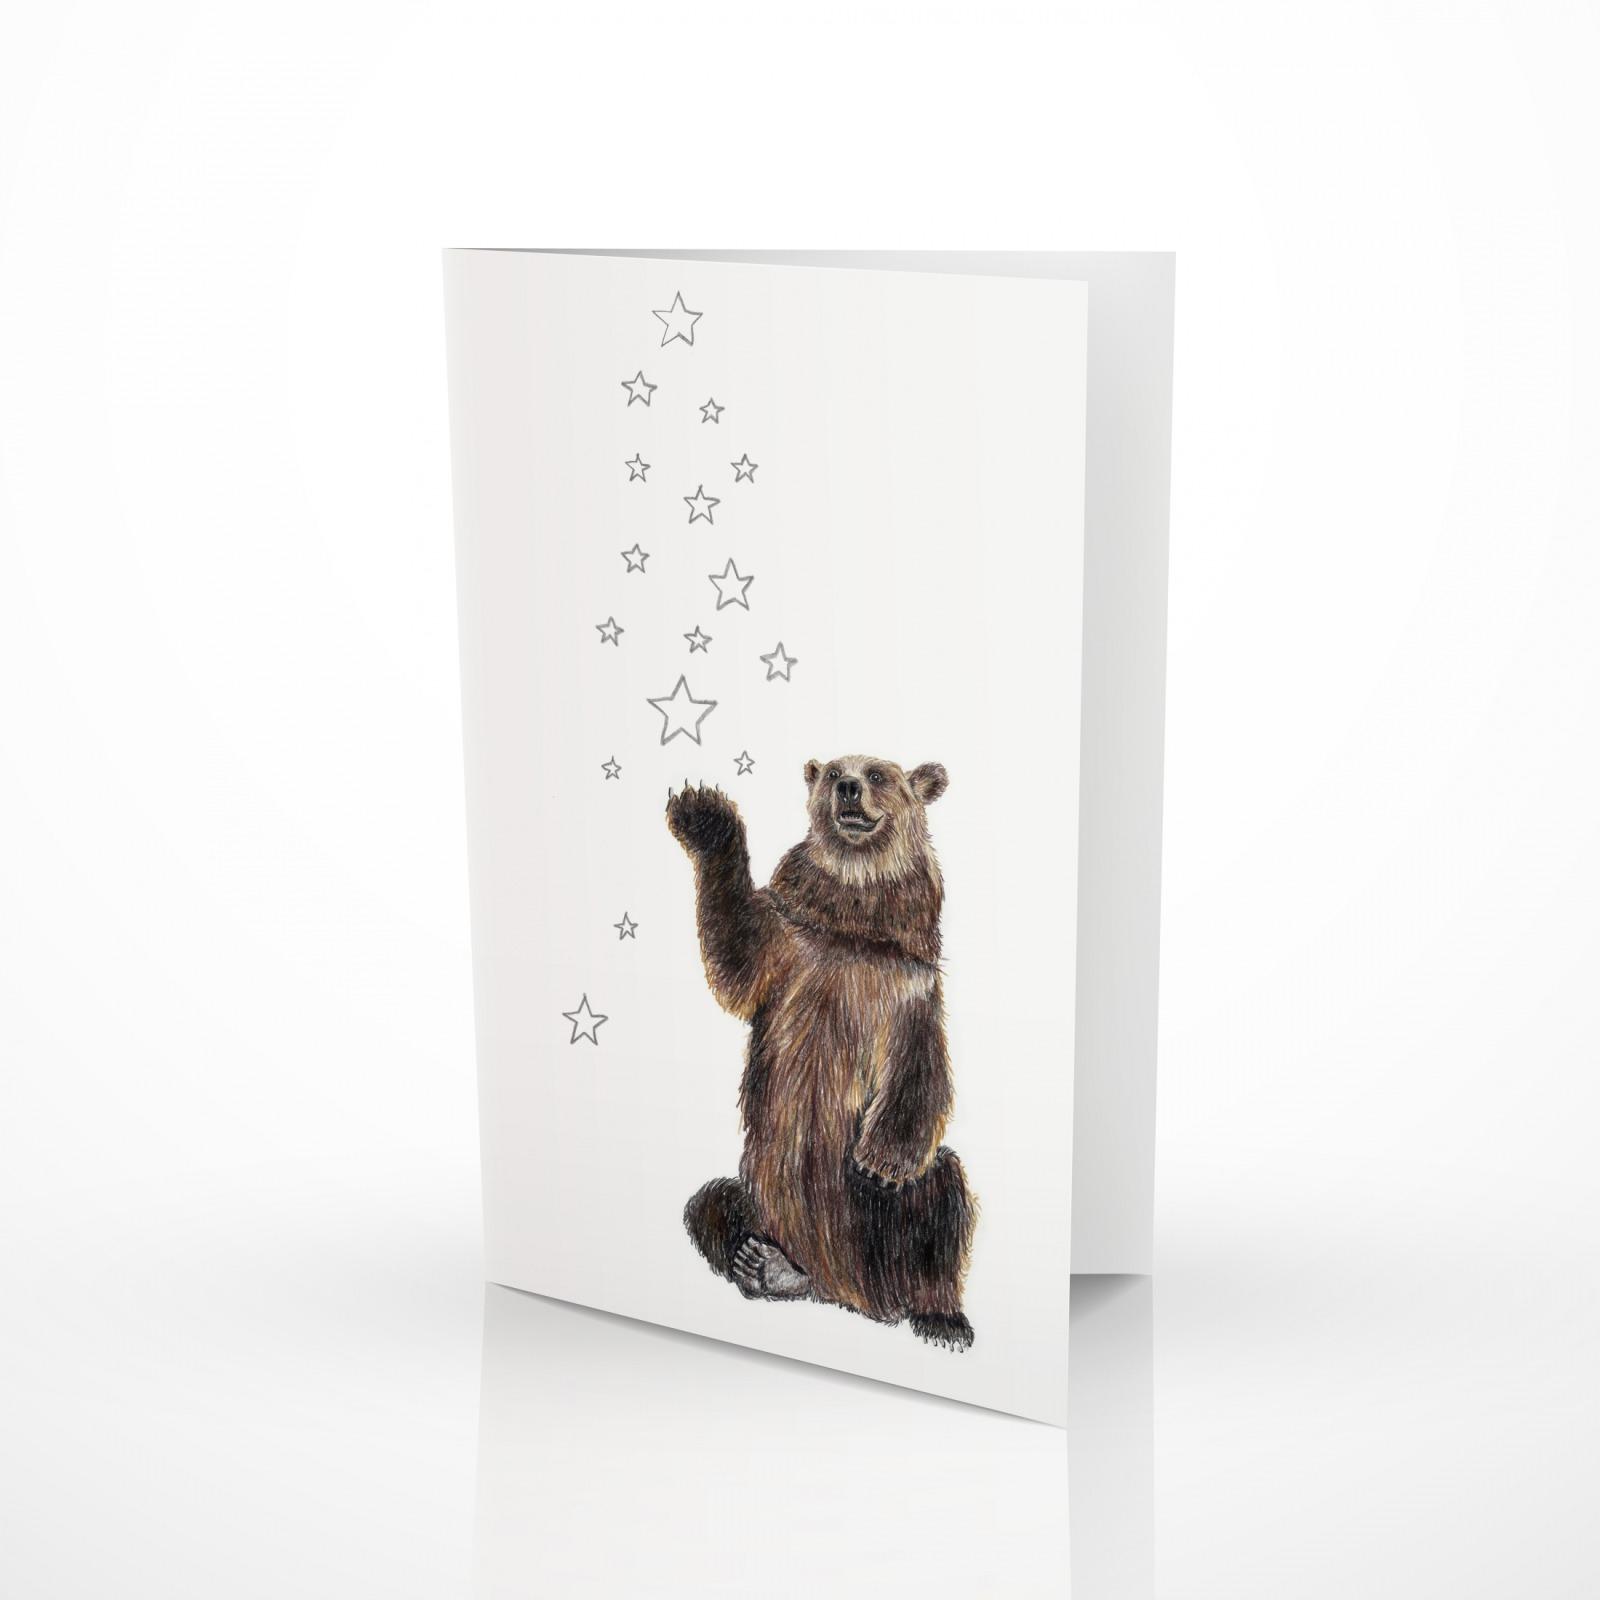 Weihnachtskarte Bär mit Sternen Grußkarte 2